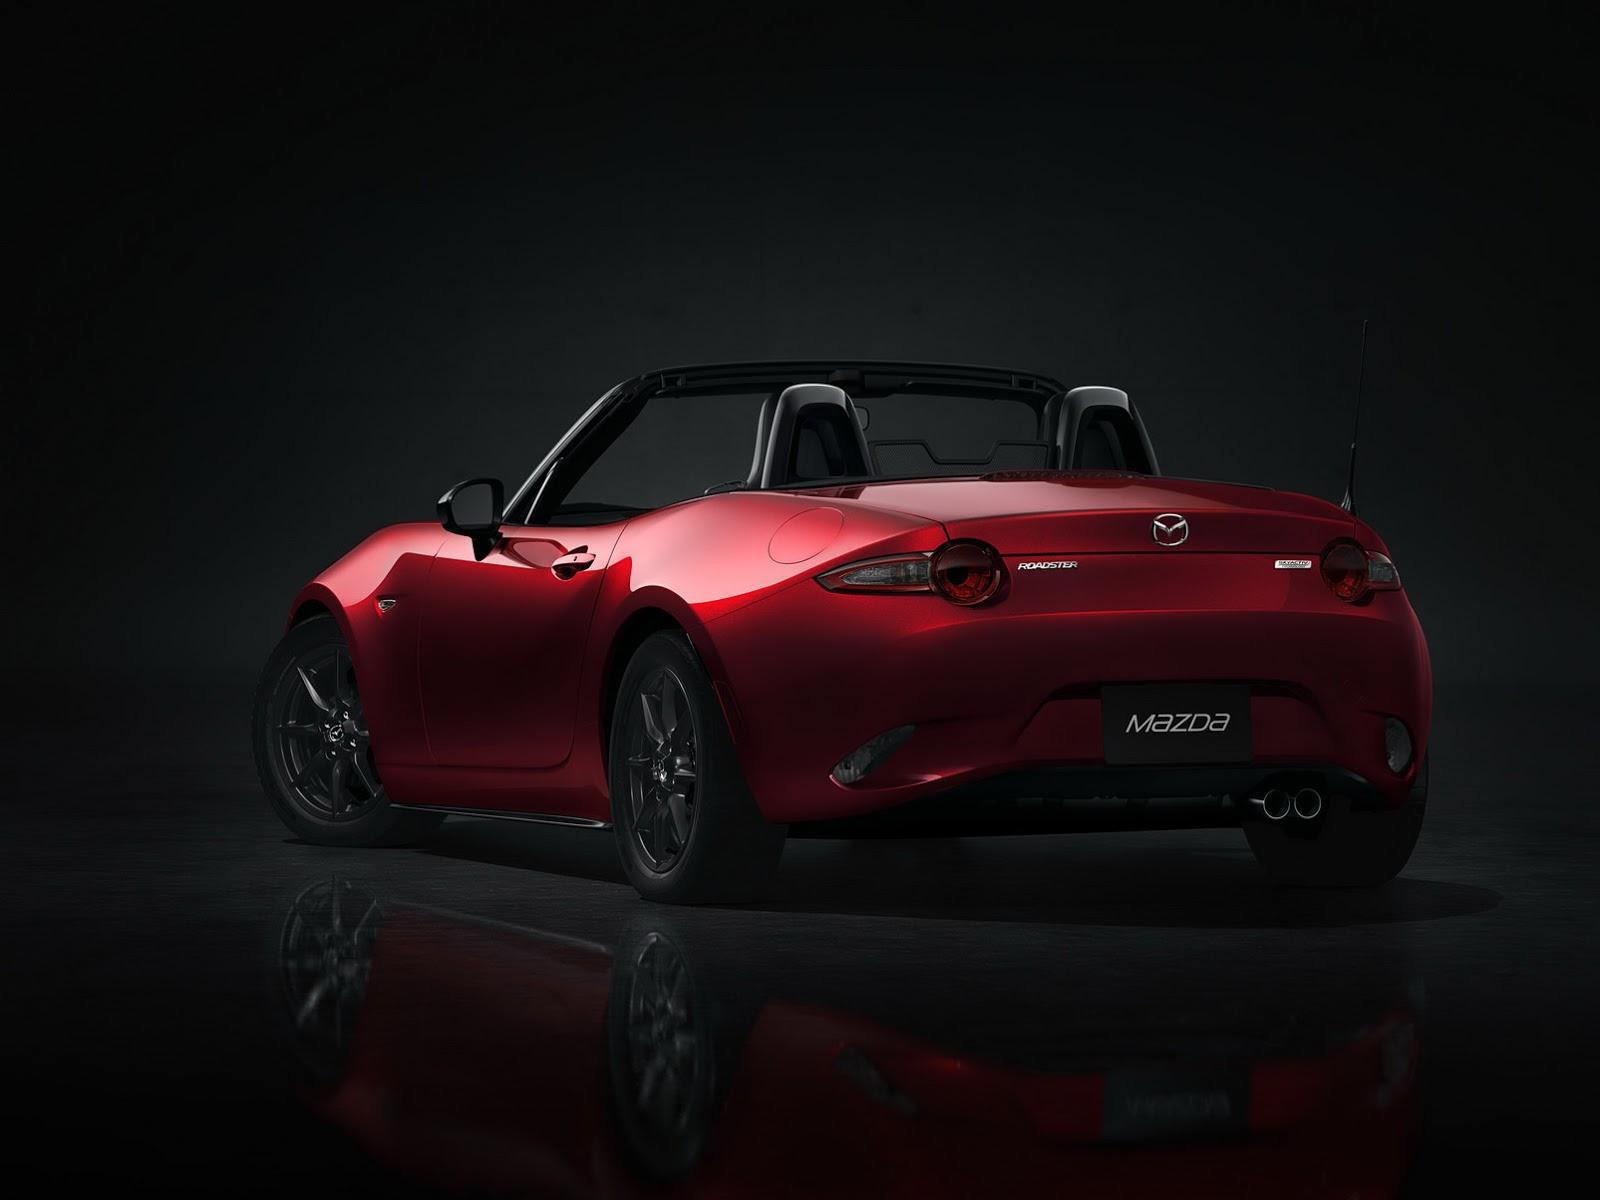 2015-Mazda-MX-5-11.jpg